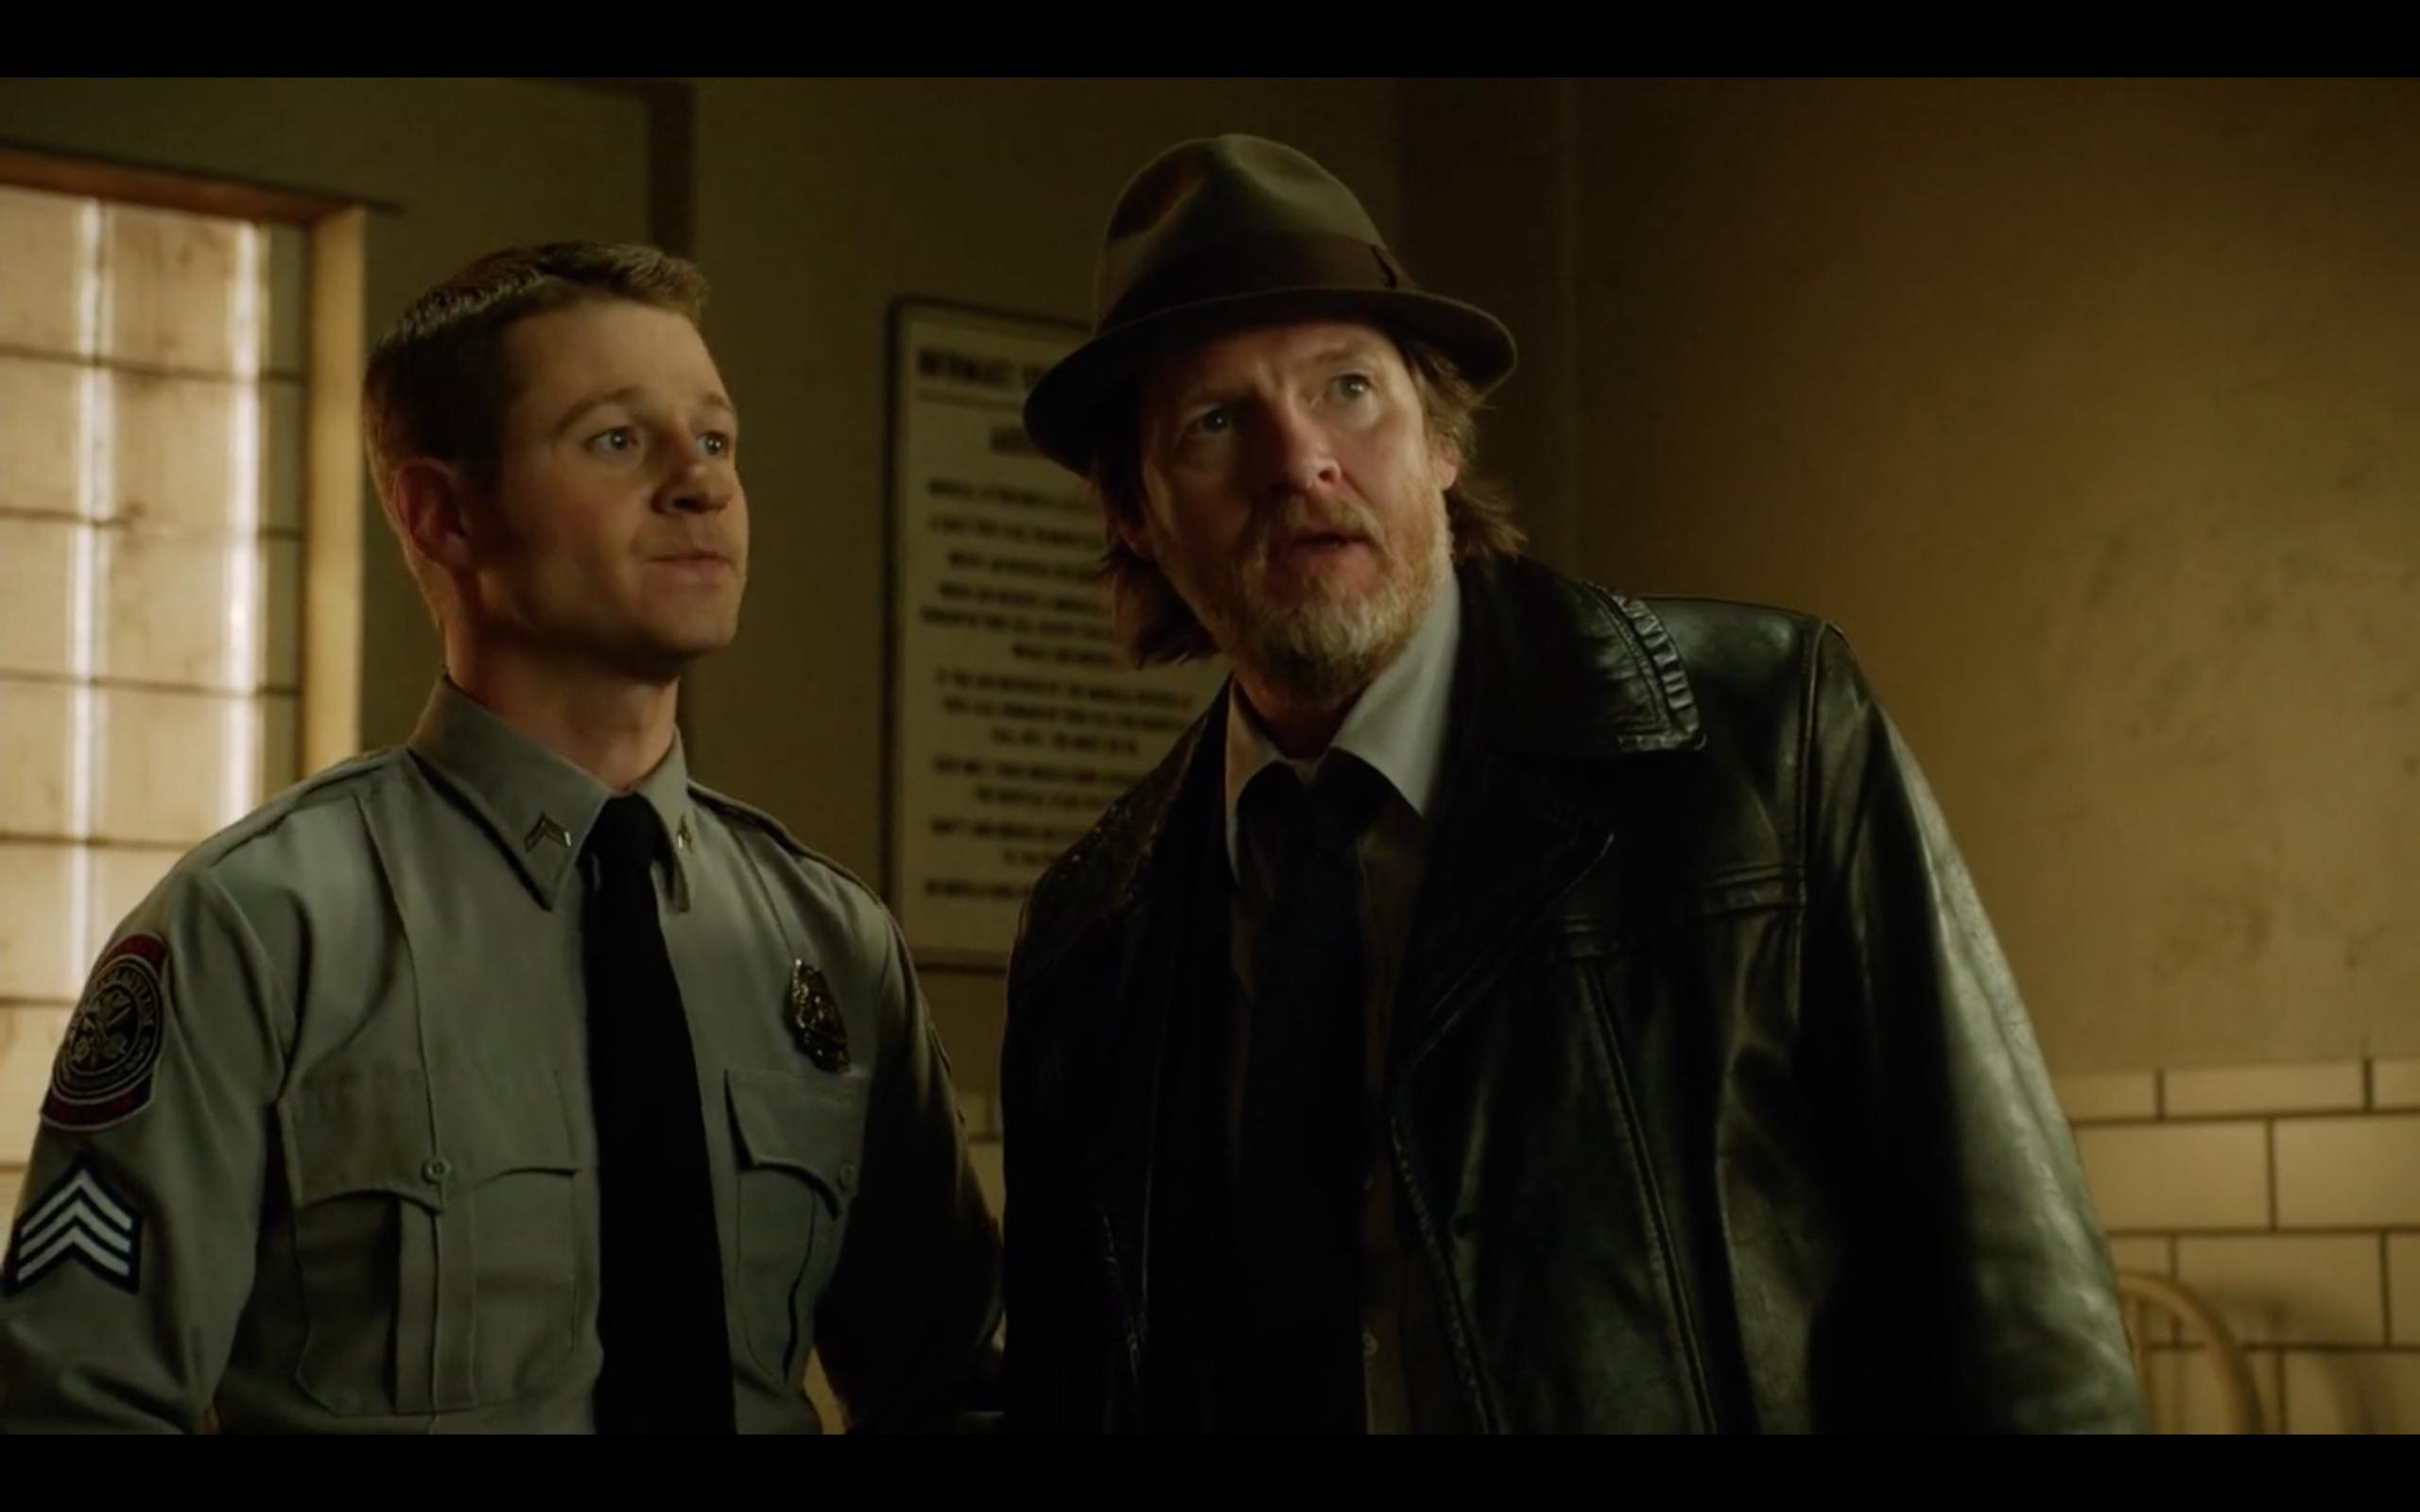 Ben McKenzie & Donal Logue in 'Gotham'